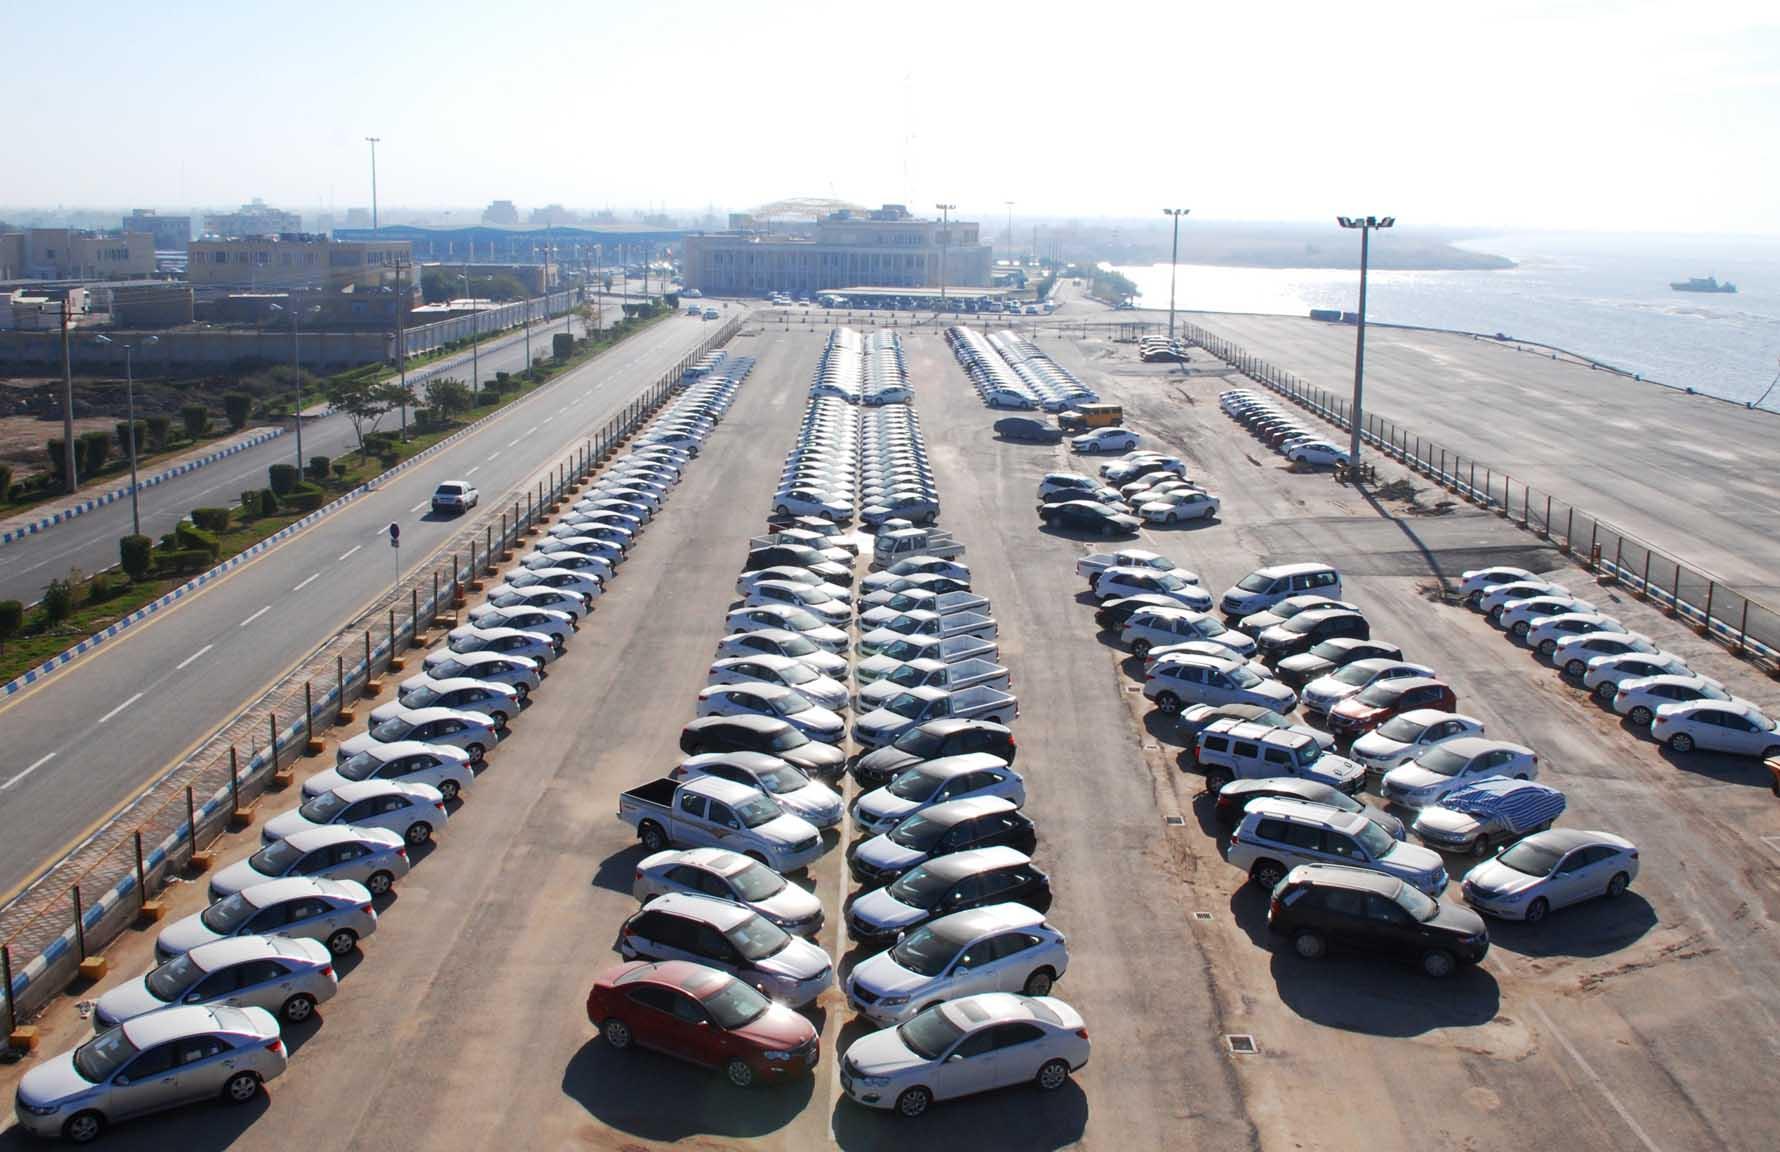 ادامه تخت گاز خودروها در جاده افزایش قیمت در سال جدید